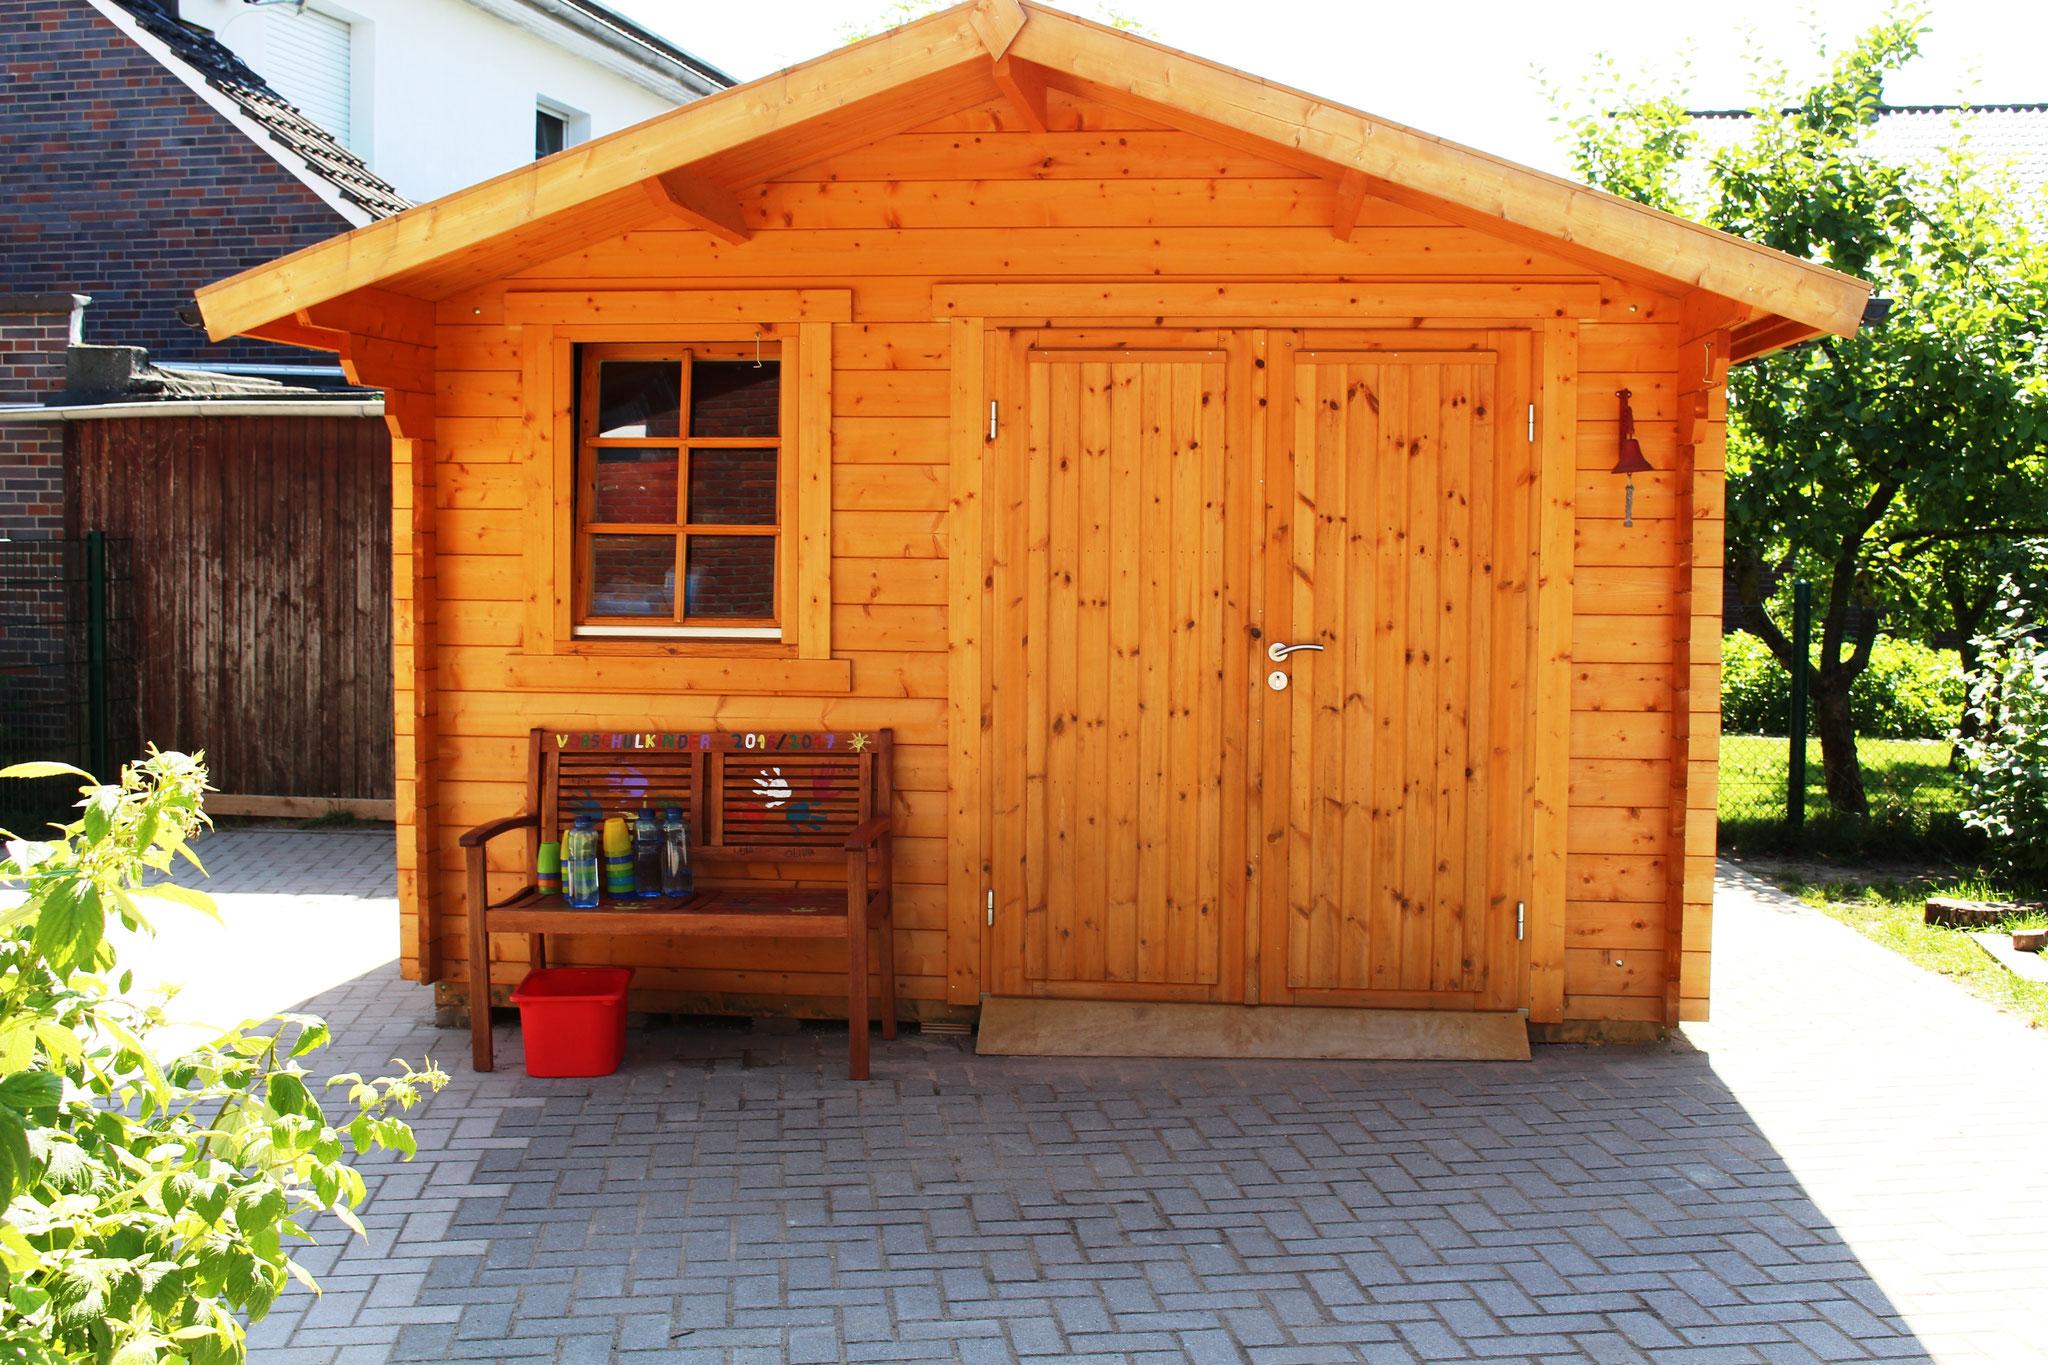 Holzhaus mit Fahrzeugen und Sandspielzeug